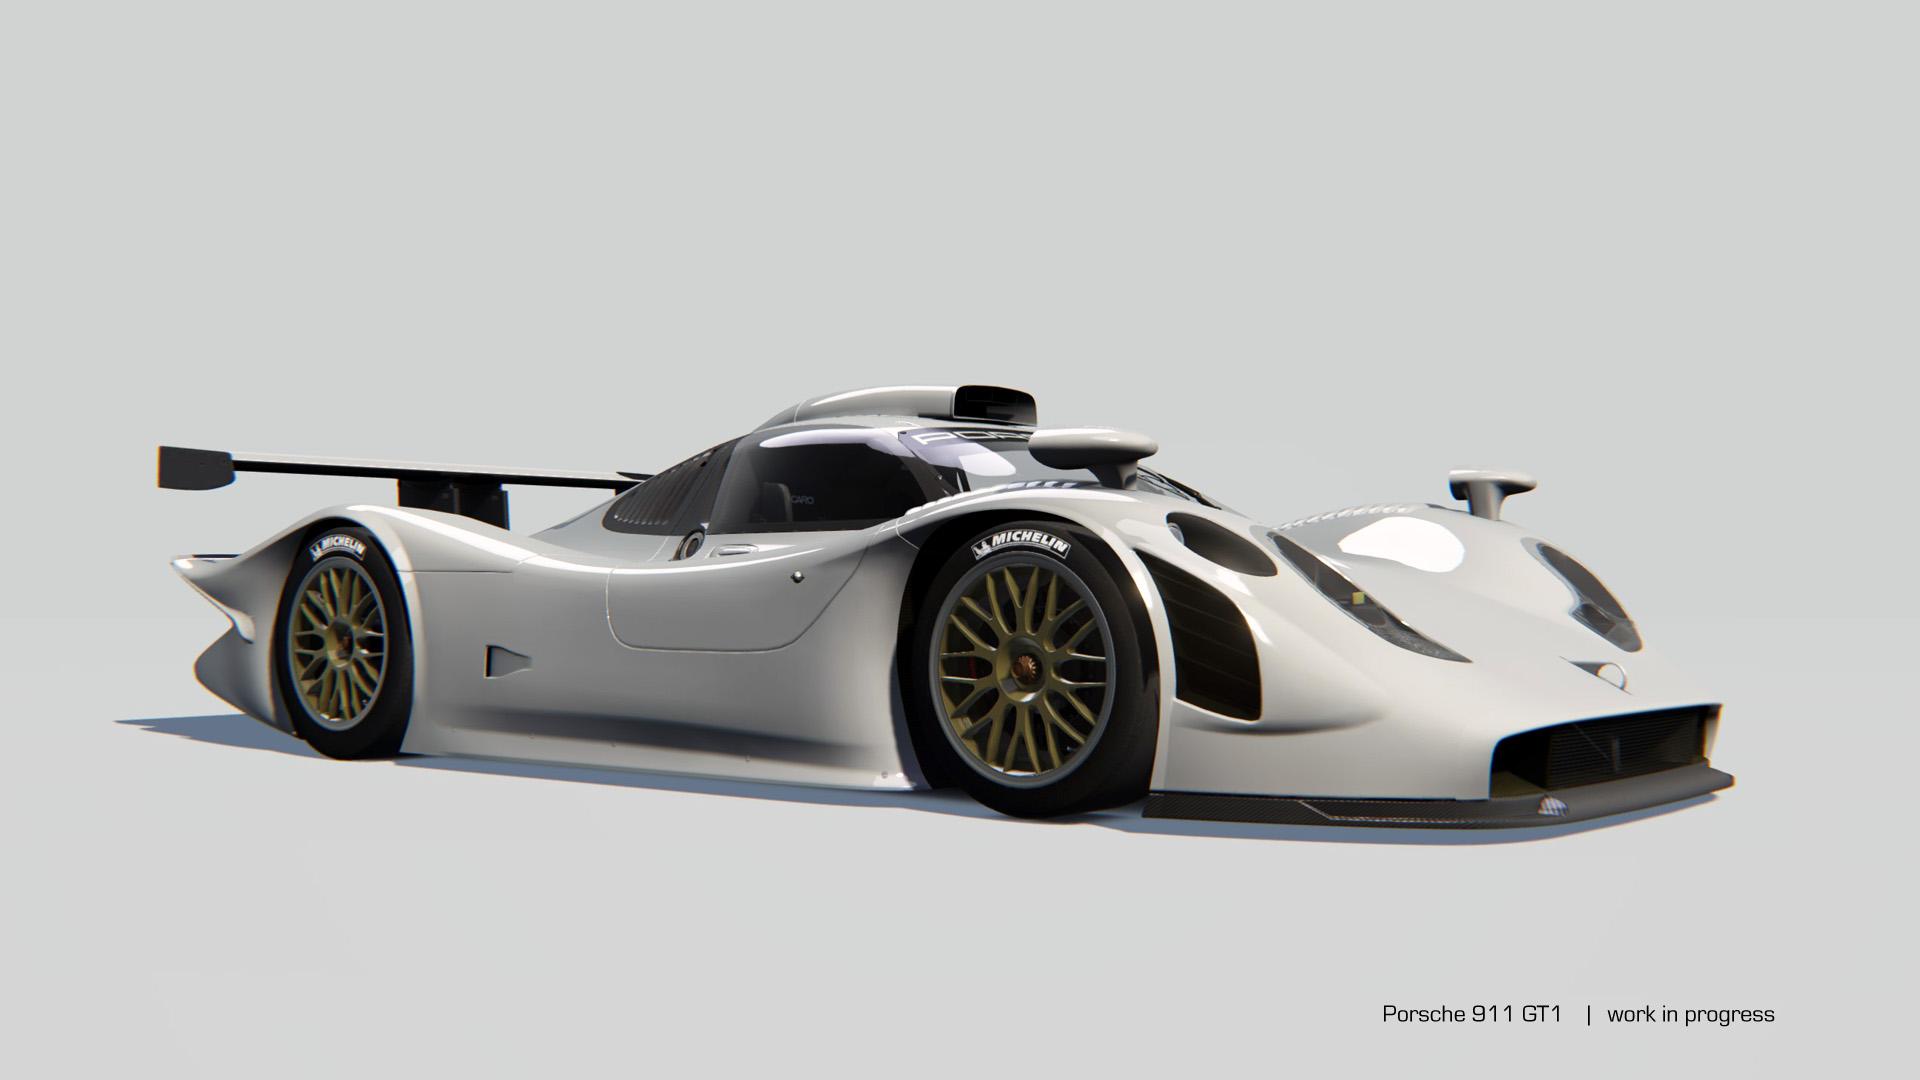 Tři DLC přidají vozy Porsche do Assetto Corsa 132680